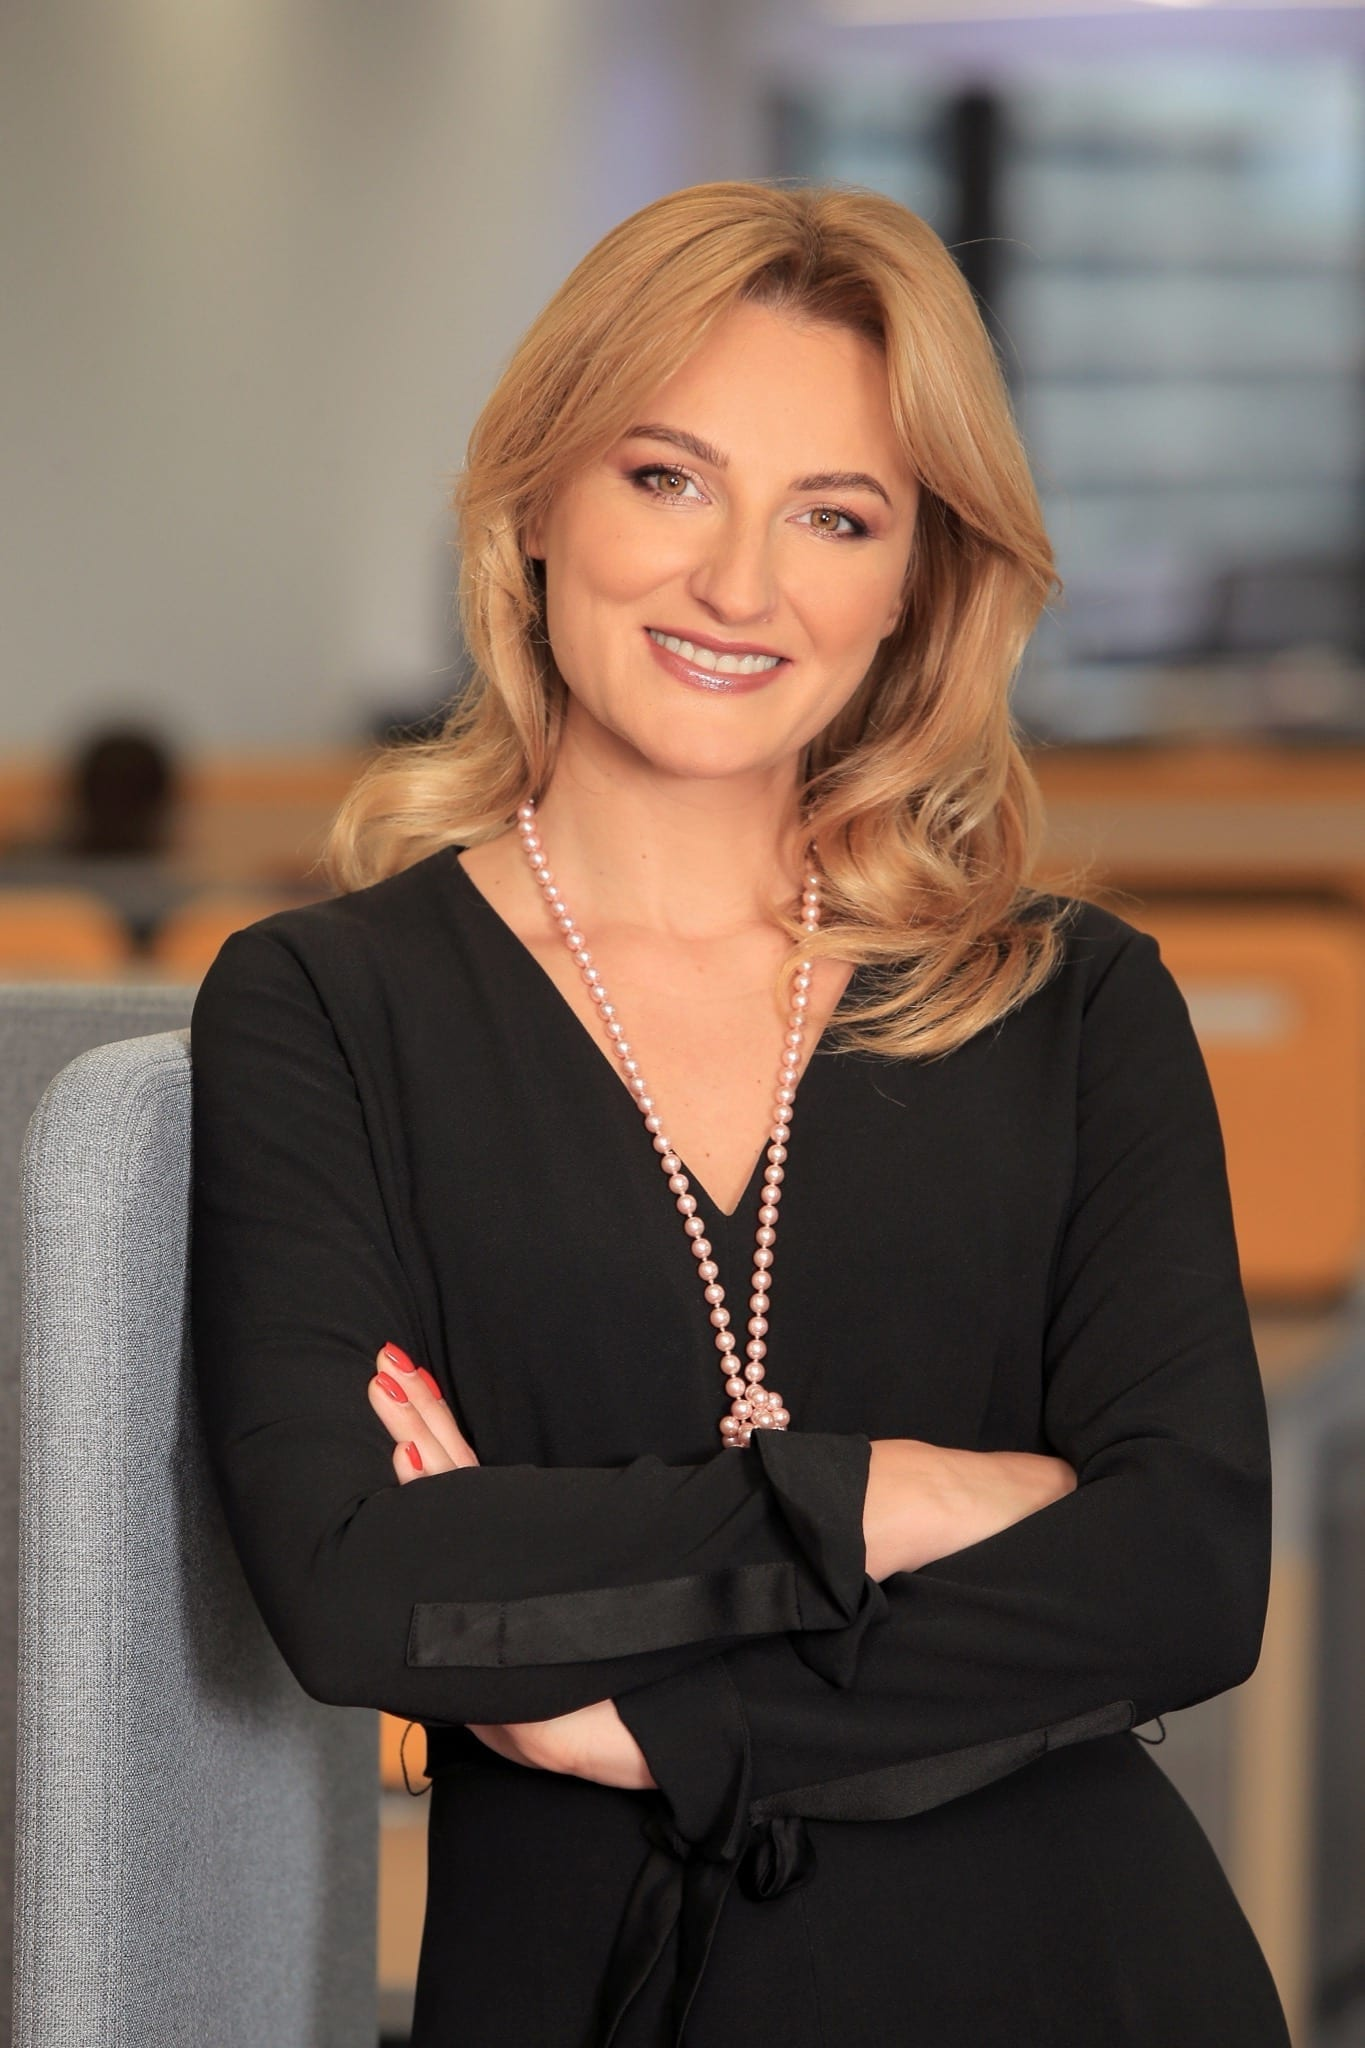 Oana Popescu Crosspoint Real Estate copy - Extinderea TVA de 5% pentru achiziția de locuințe, stimul de creștere al pieței imobiliare